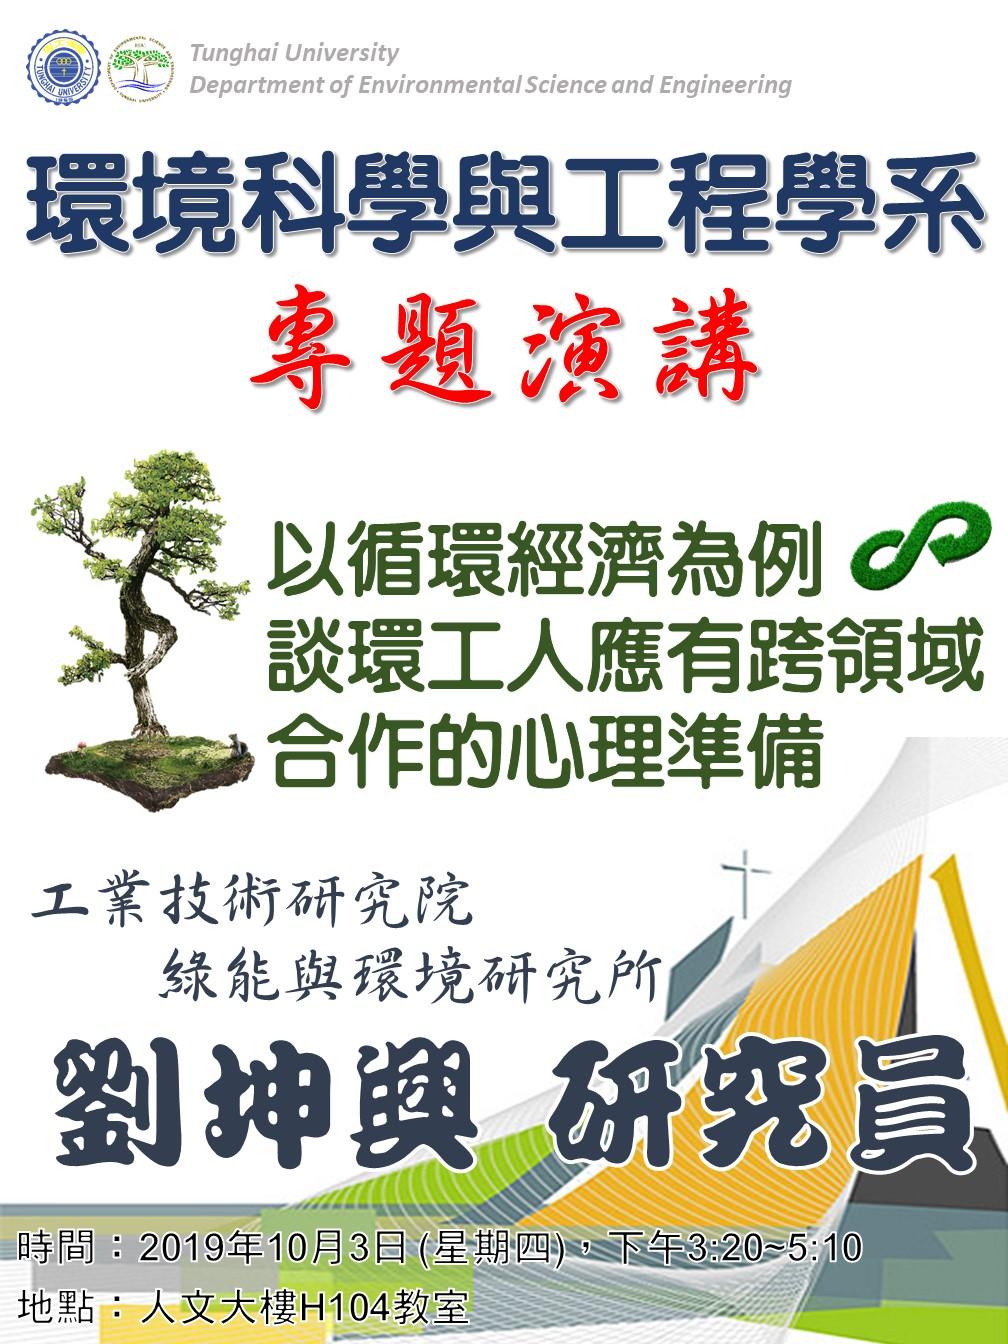 以循環經濟為例談環工人應有跨領域合作的心理準備